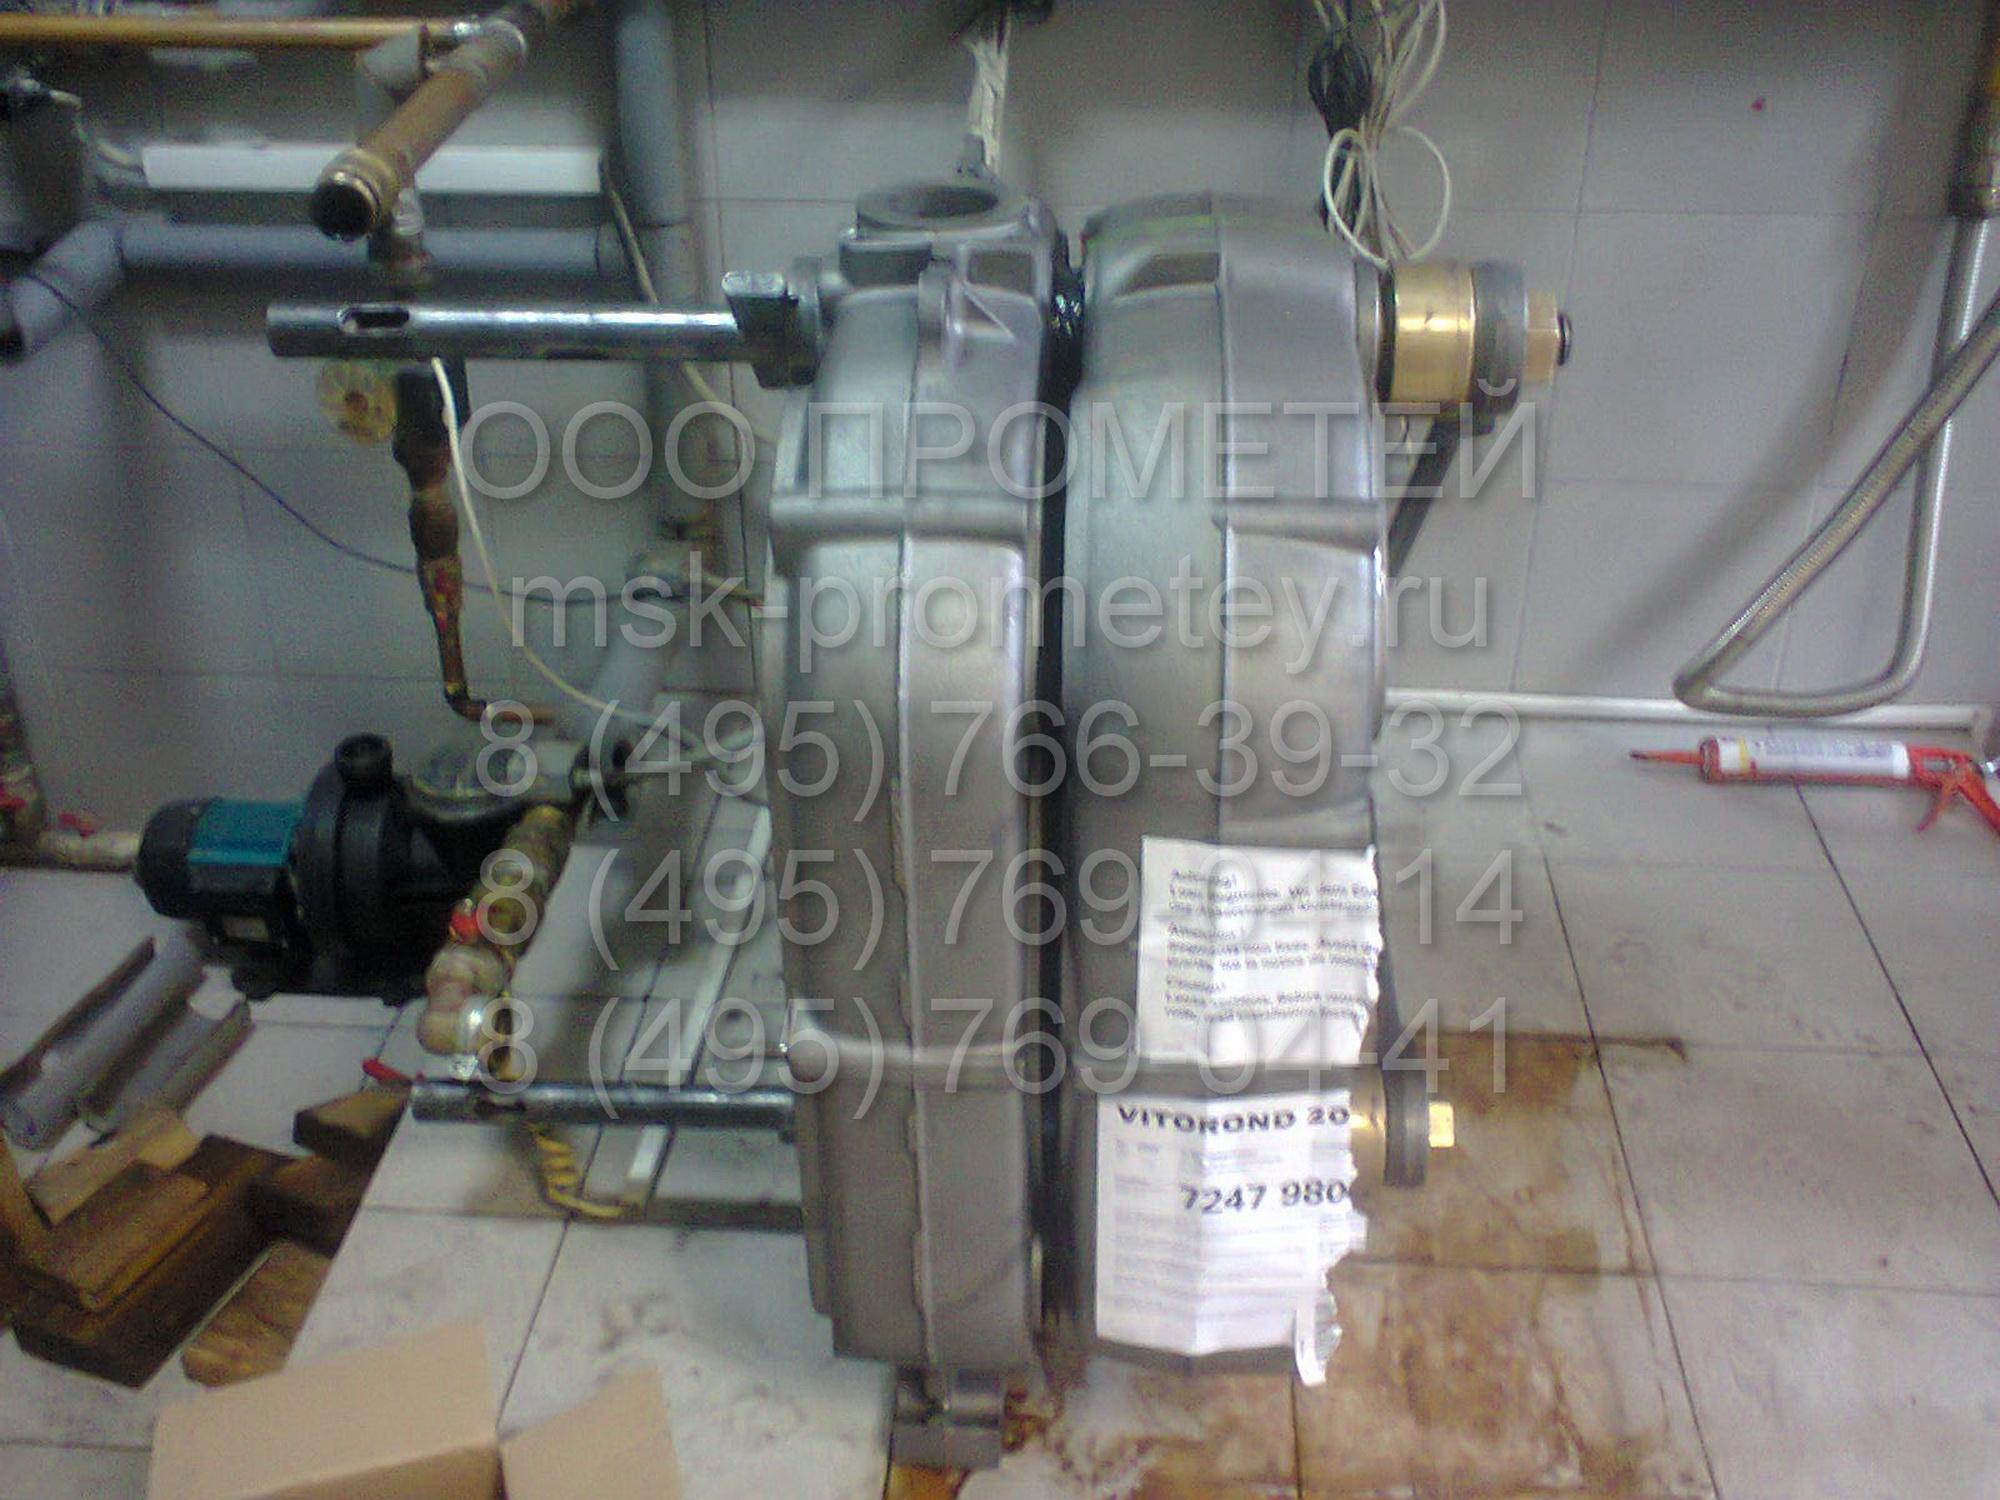 Теплообменник 20 40 котельное оборудование расчет авиационного теплообменника